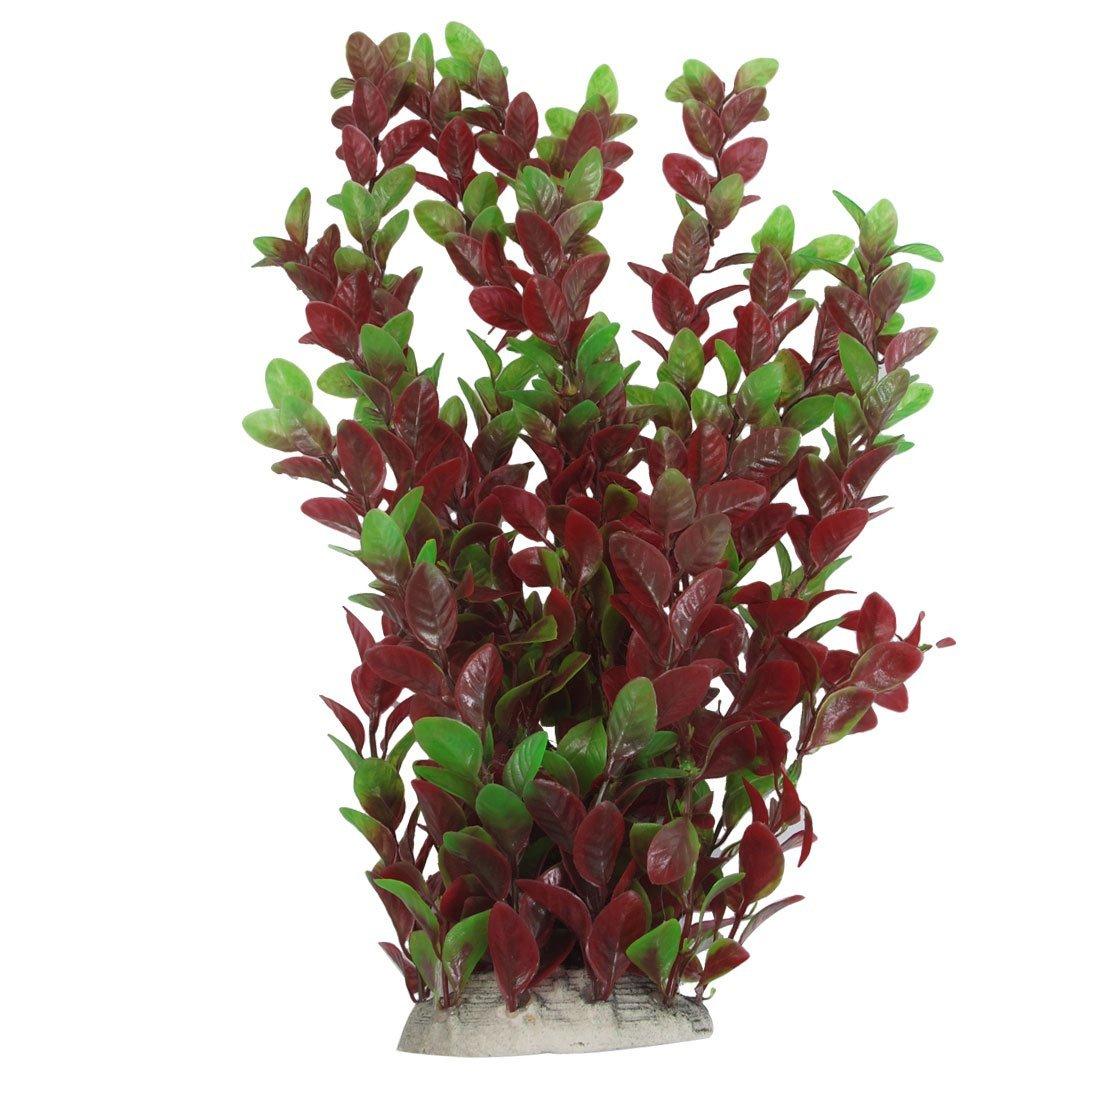 Plantas de 40 cm de plastico hojas rojas verdes del - Plantas de plastico ikea ...